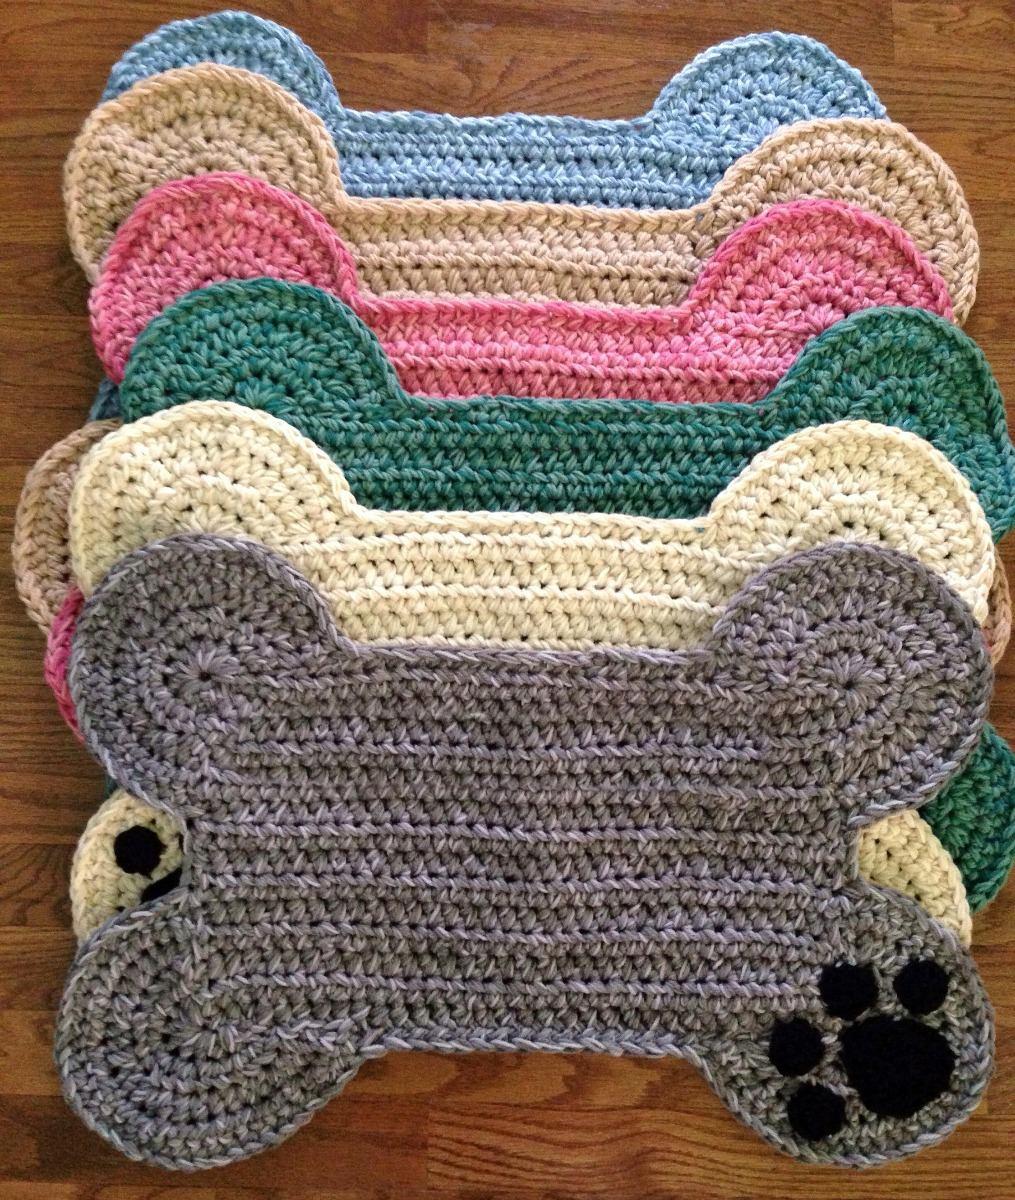 perros - cama - alfombra - fiaca - comedero - $ 650,00 en mercado libre